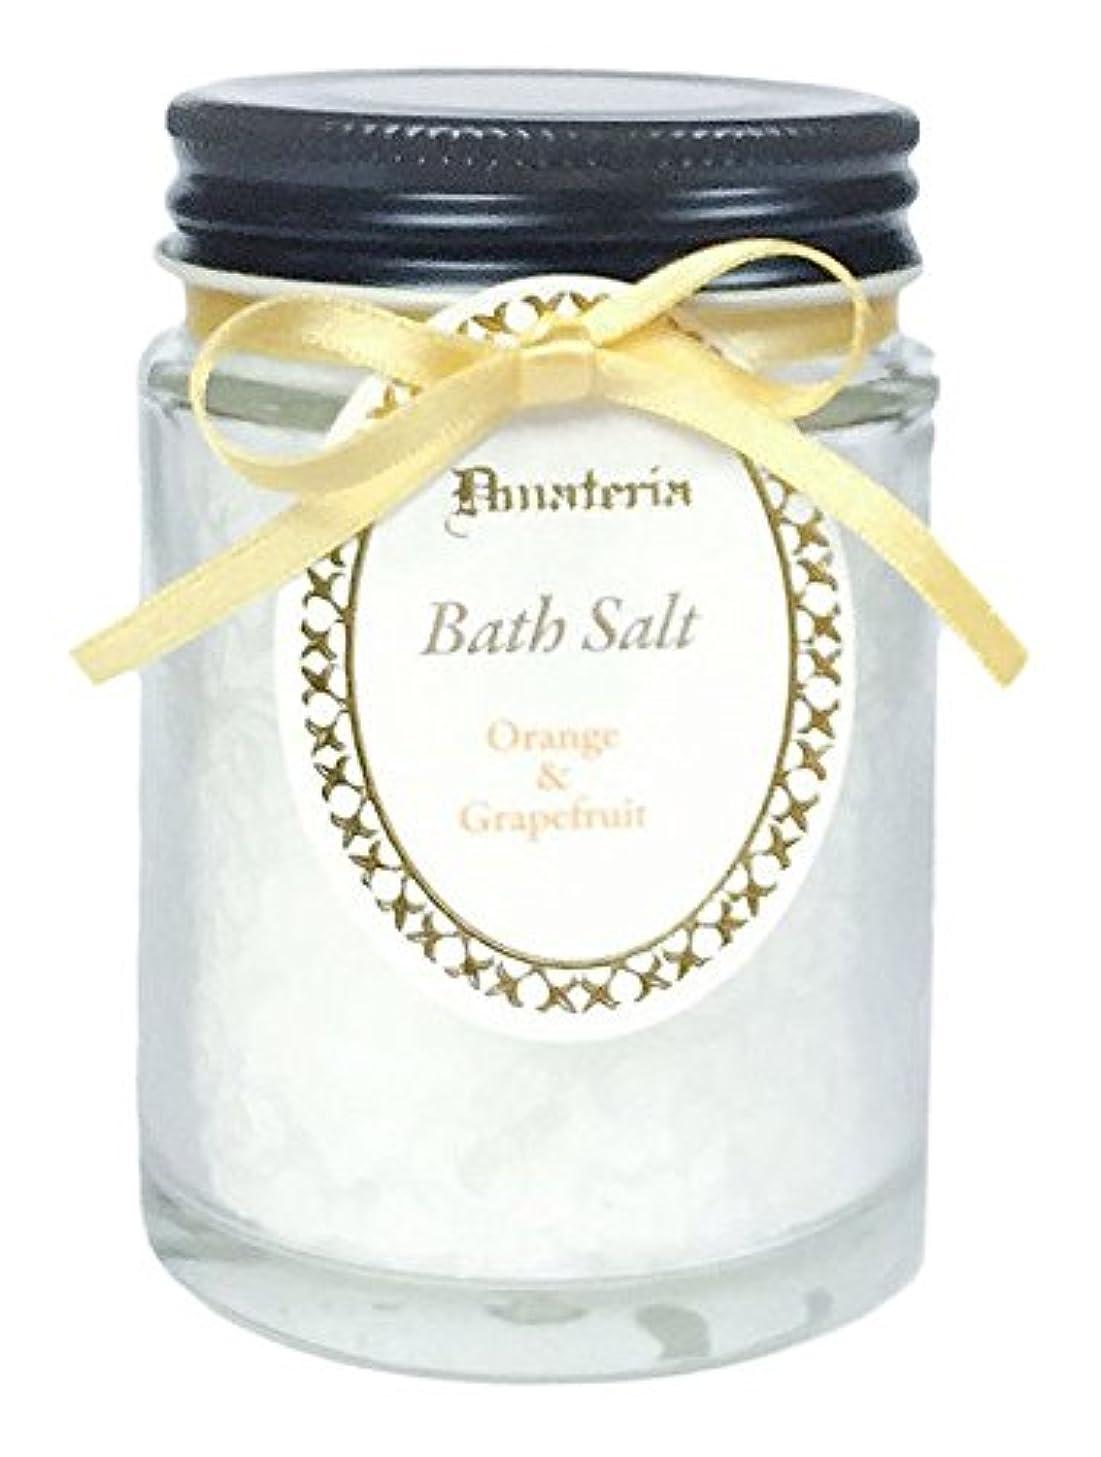 宿泊準備したソースD materia バスソルト オレンジ&グレープフルーツ Orange&Grapefruit Bath Salt ディーマテリア